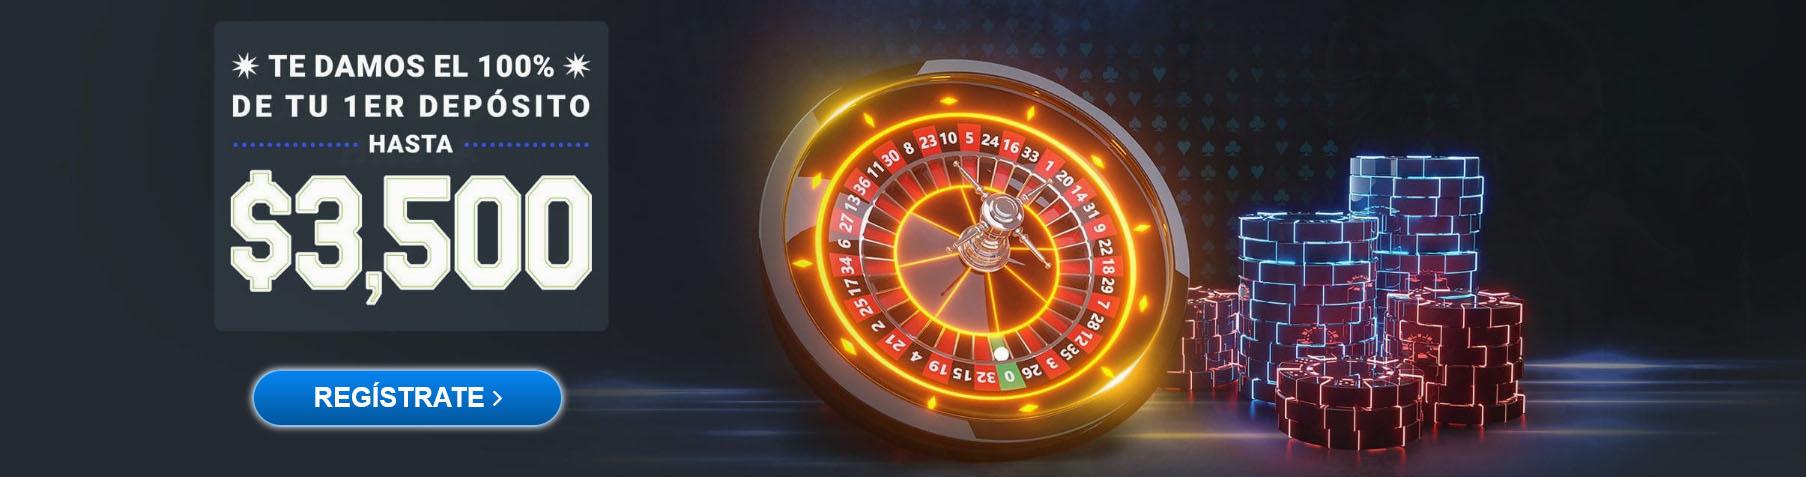 Codere casino Bono julio 2020